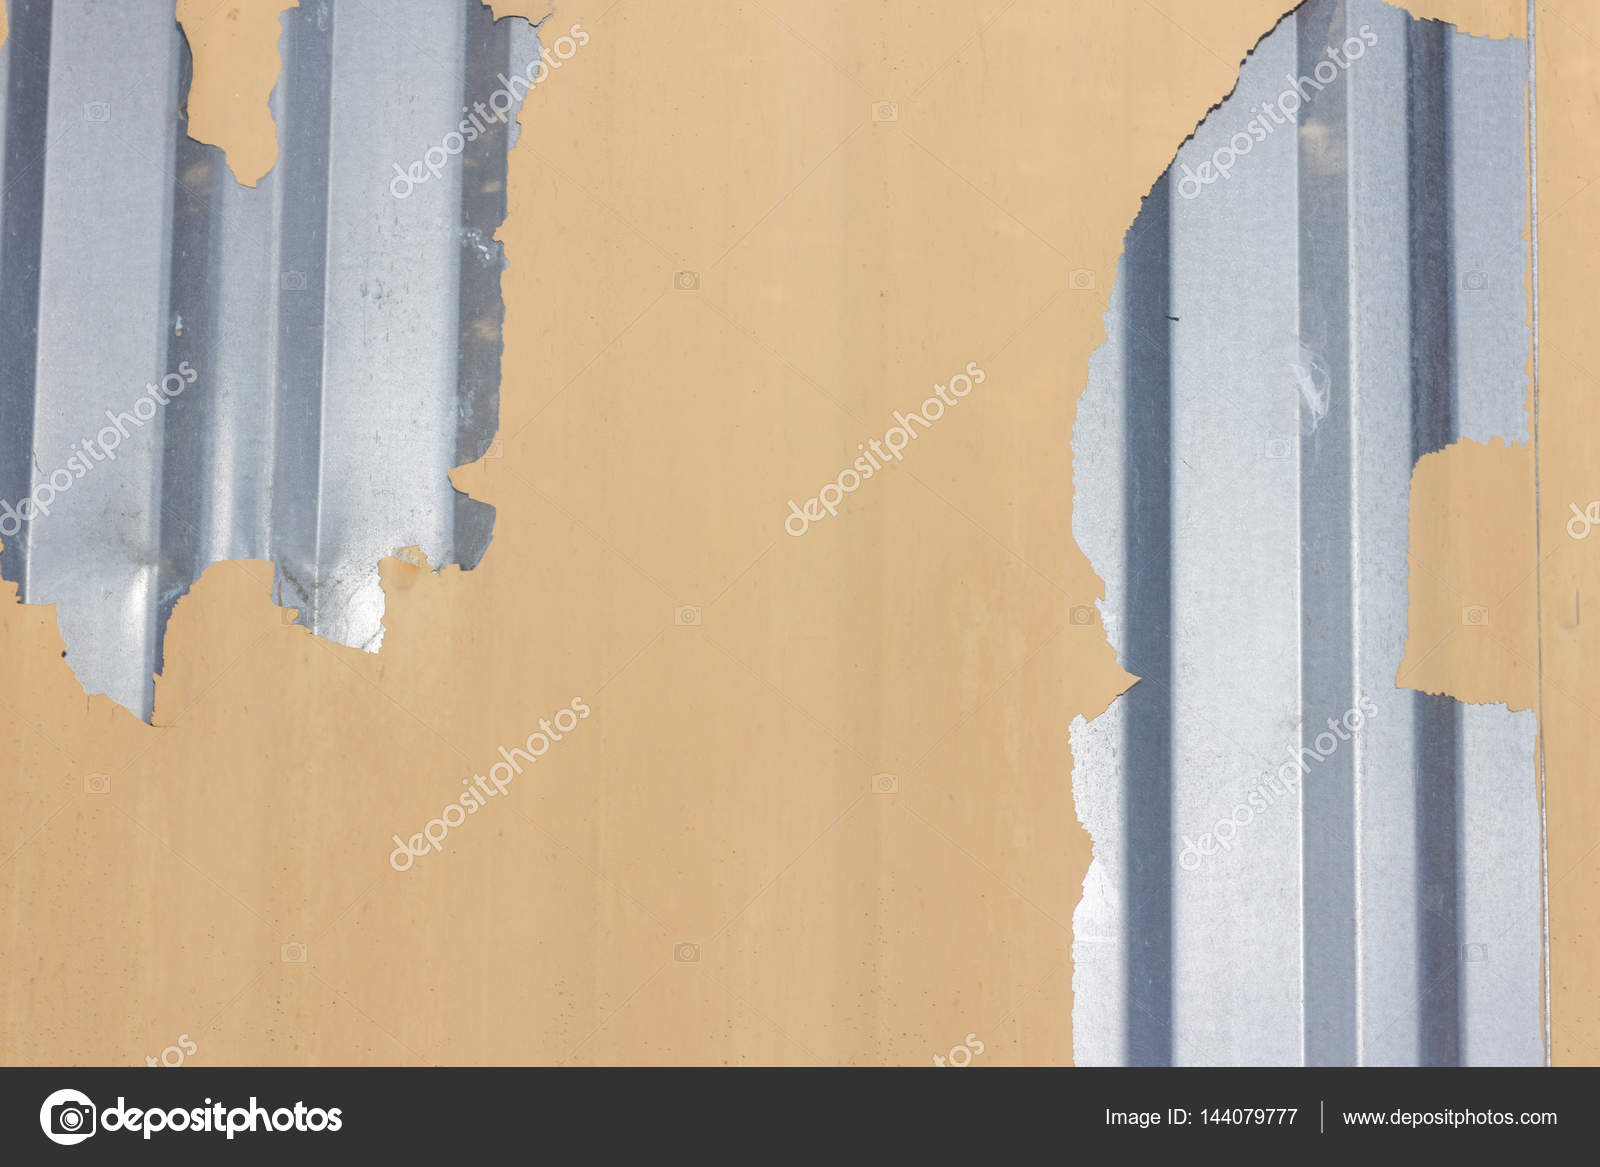 Wunderbar Die Figur Des Gewellten Textur Mit Alten Farbe Bedeckt. Konzept:  Zuverlässig, Abstrakte, Kreativ, Kunst, Zaun U2014 Foto Von Maximnorby